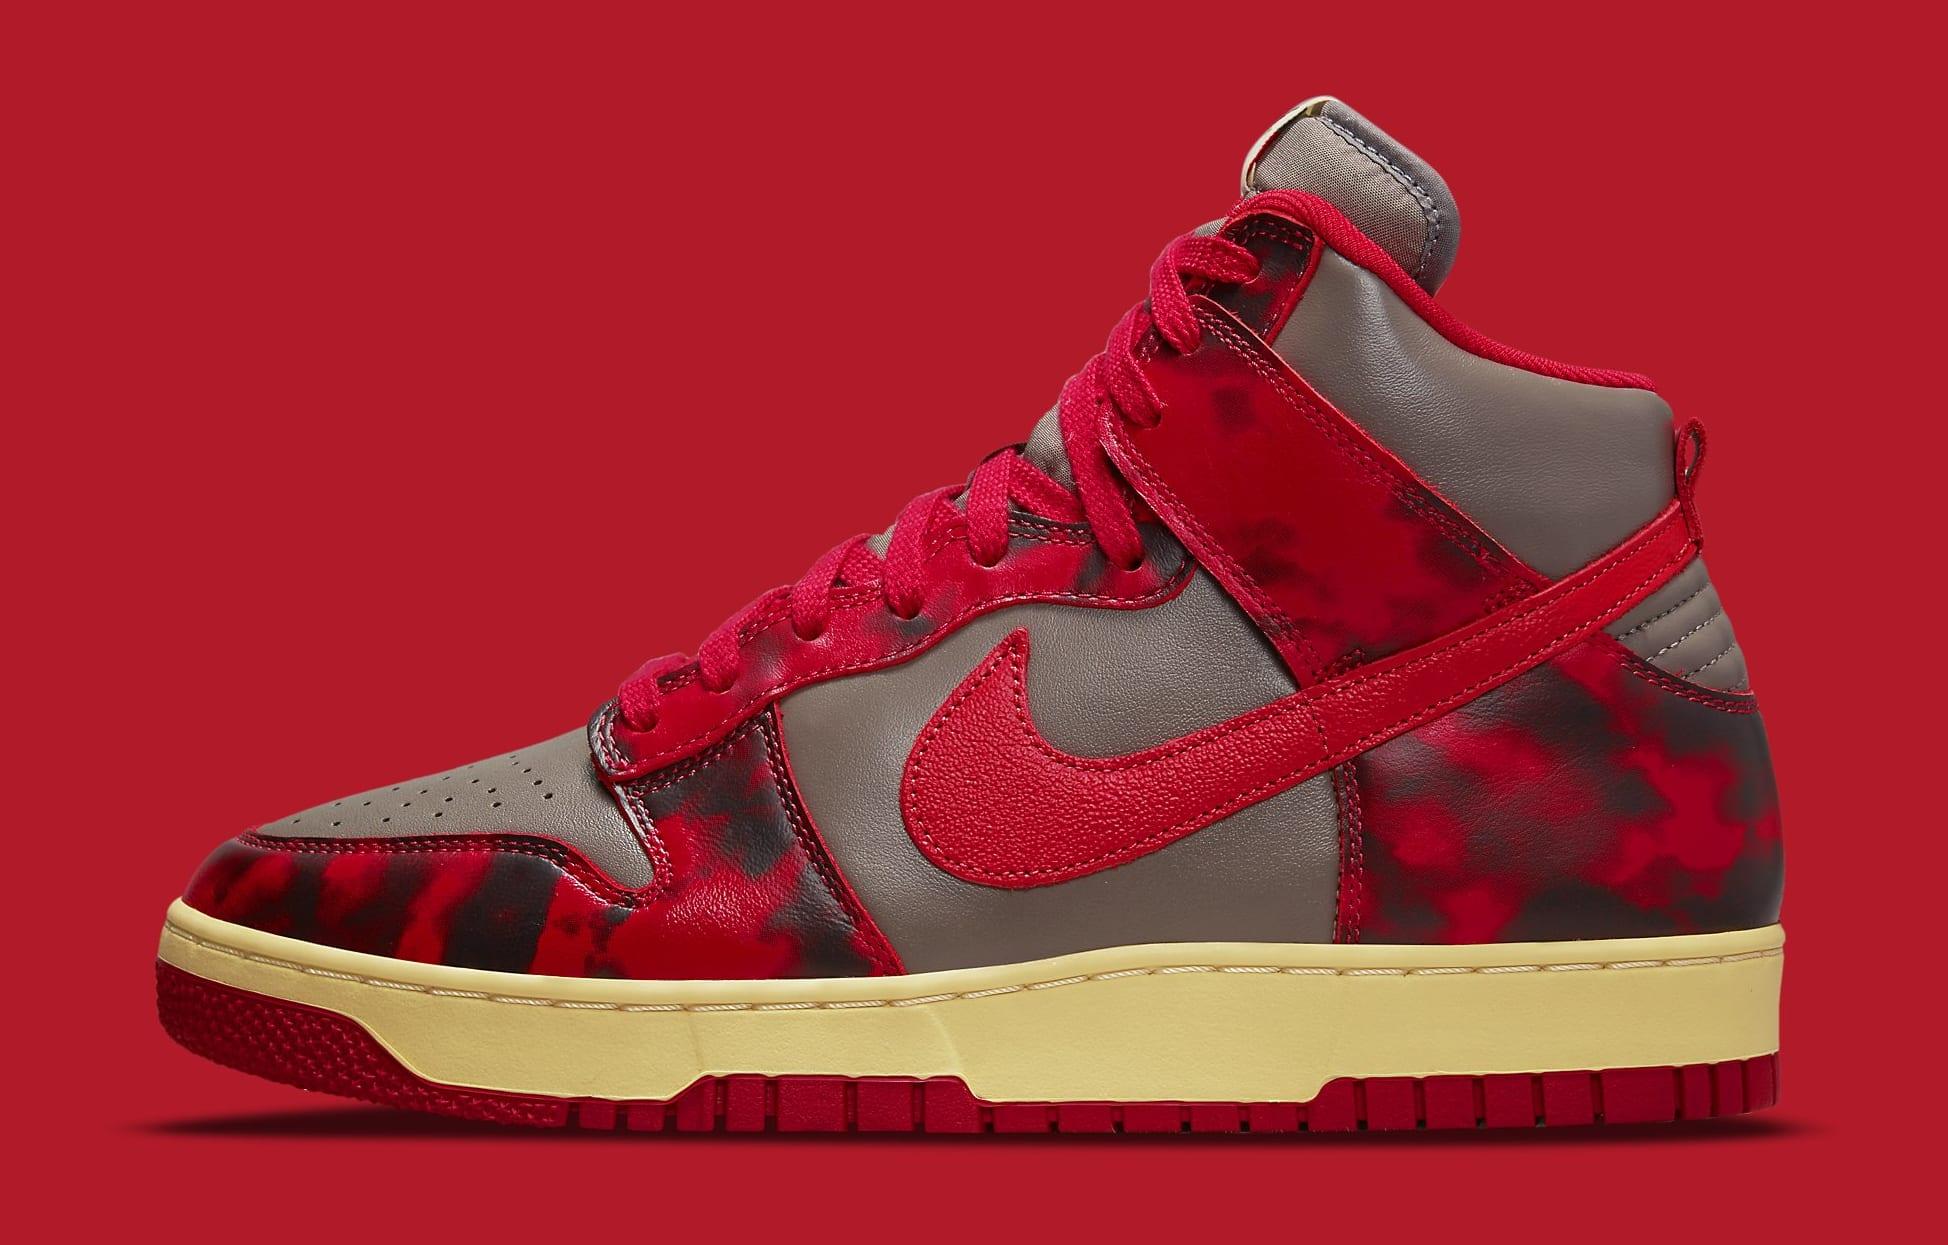 Nike Dunk High 'Acid Wash' DD9404-600 Lateral